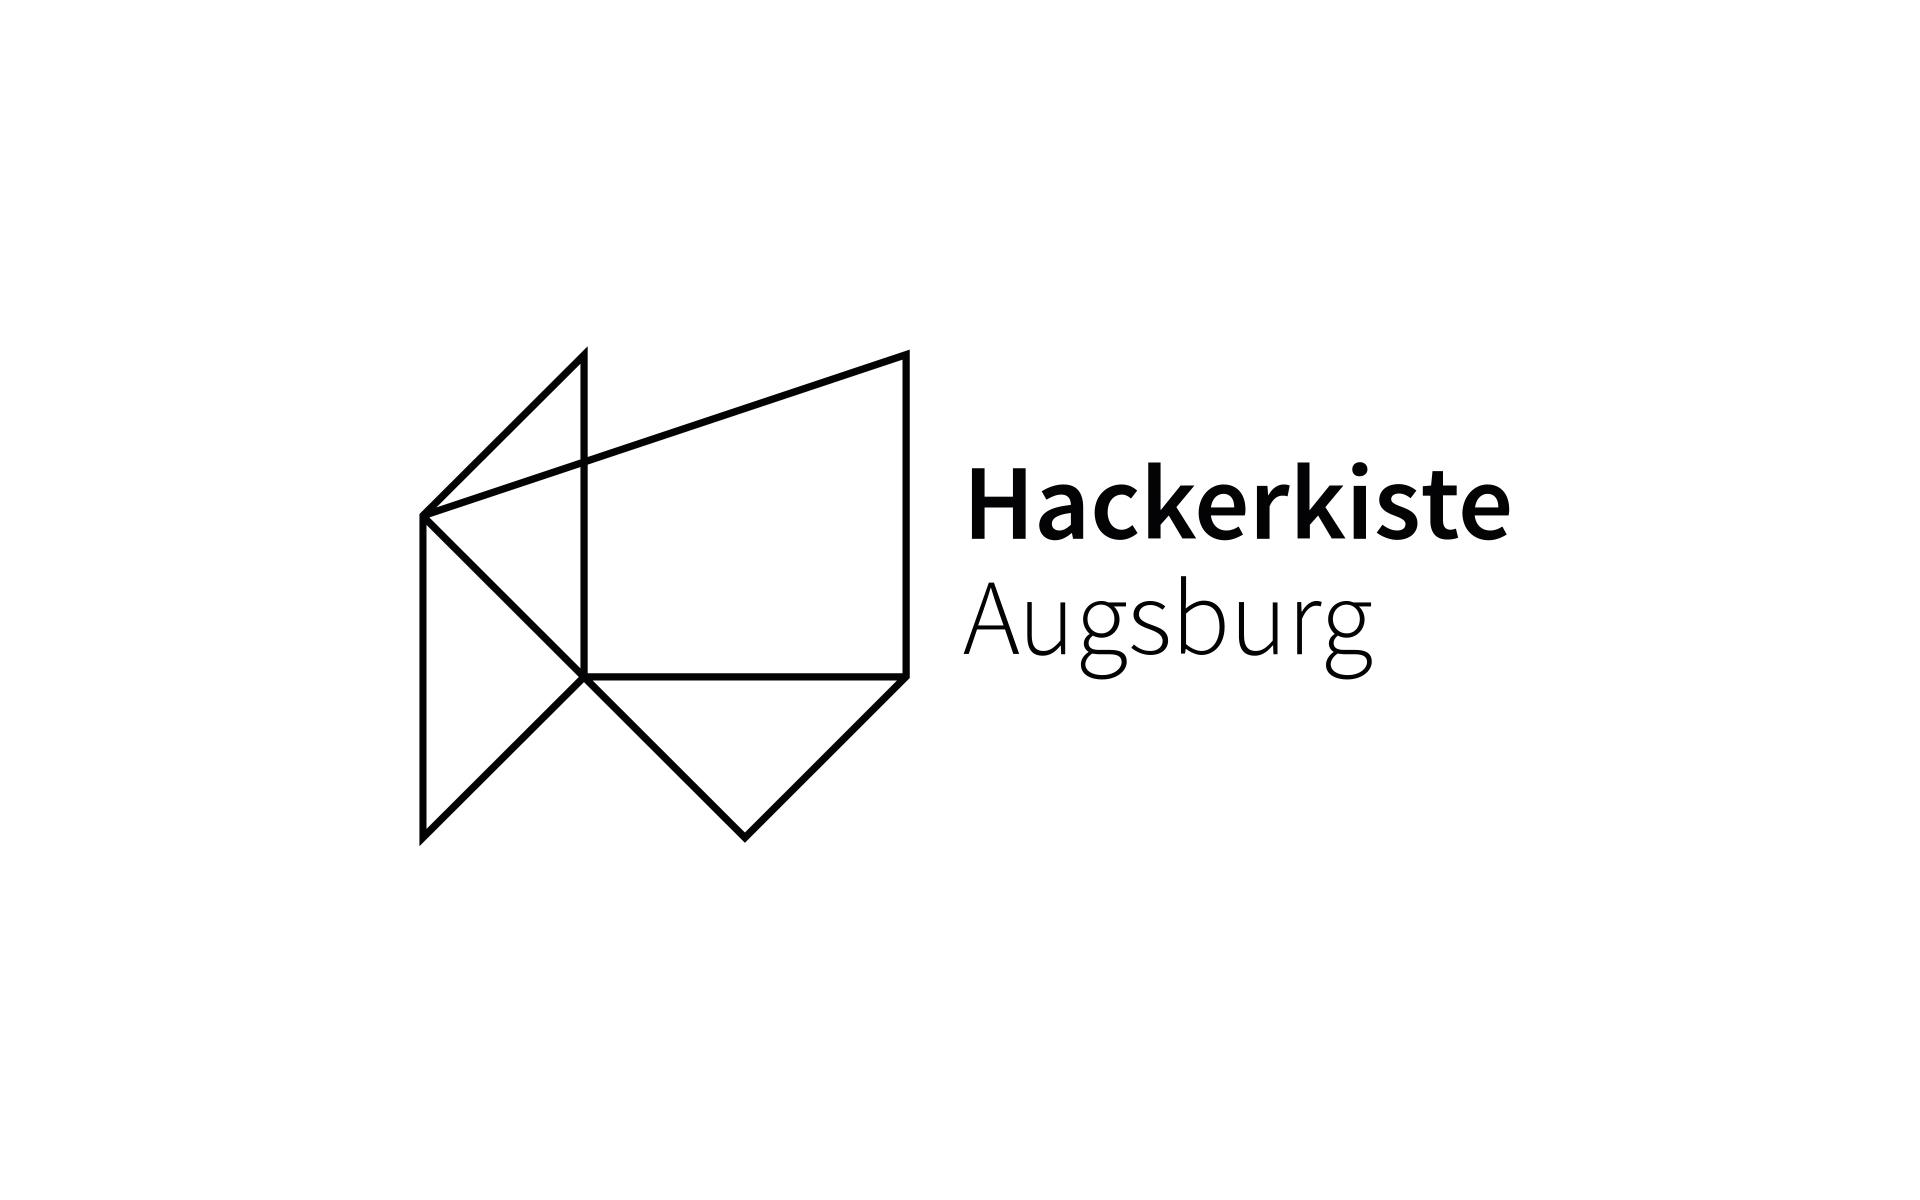 180828_Hackerkiste-Logoentwicklung-3_01